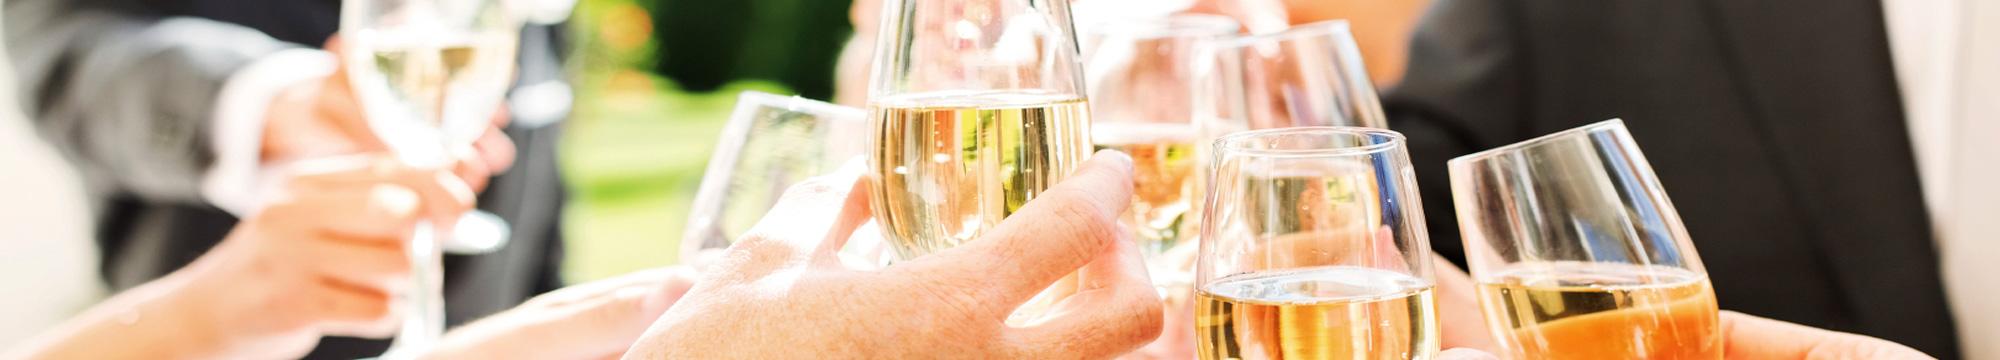 Motiv: Im Hotel feiern: Geburtstage, Hochzeiten, Familienfeiern